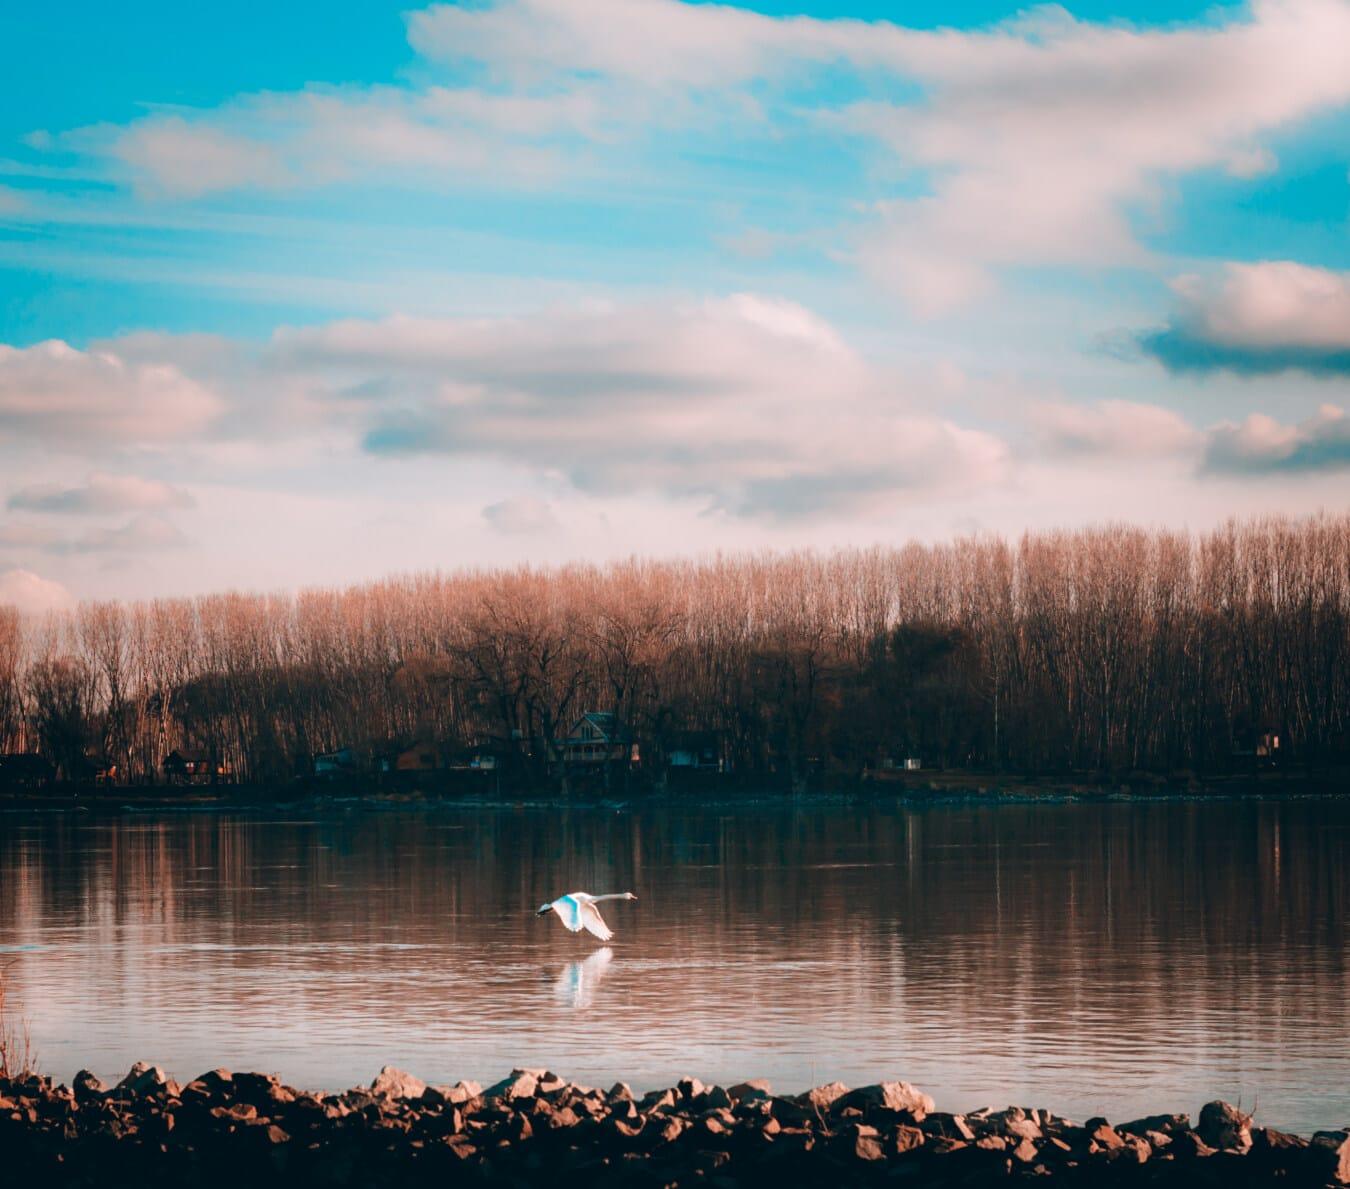 en volant, cygne, rivière, Survol, aube, eau, nature, paysage, Lac, réflexion